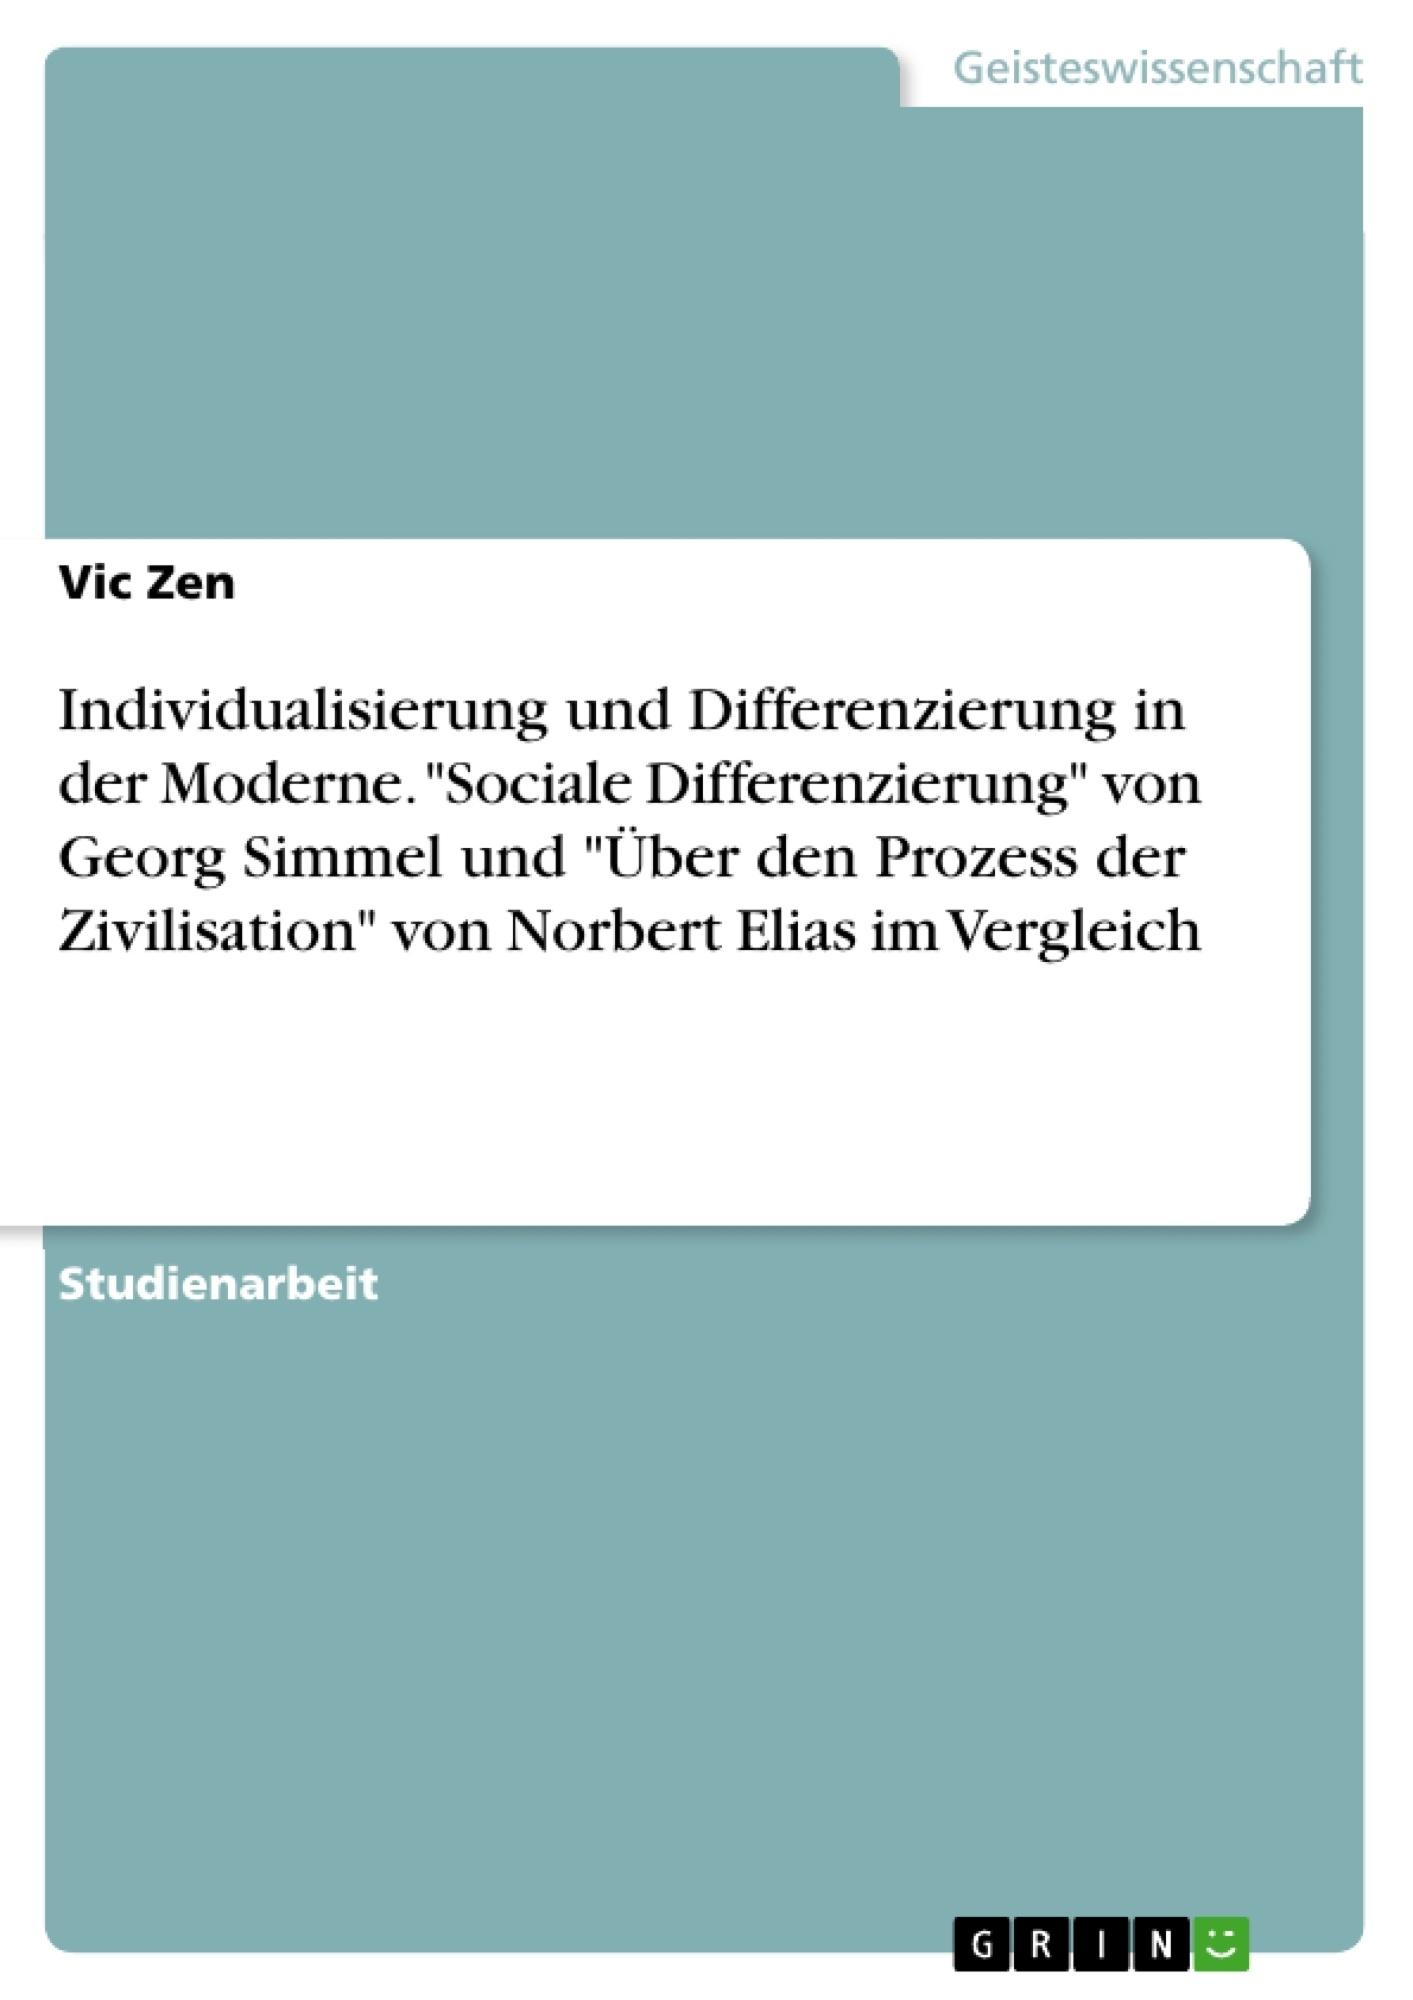 """Titel: Individualisierung und Differenzierung in der Moderne. """"Sociale Differenzierung"""" von Georg Simmel und """"Über den Prozess der Zivilisation"""" von Norbert Elias im Vergleich"""